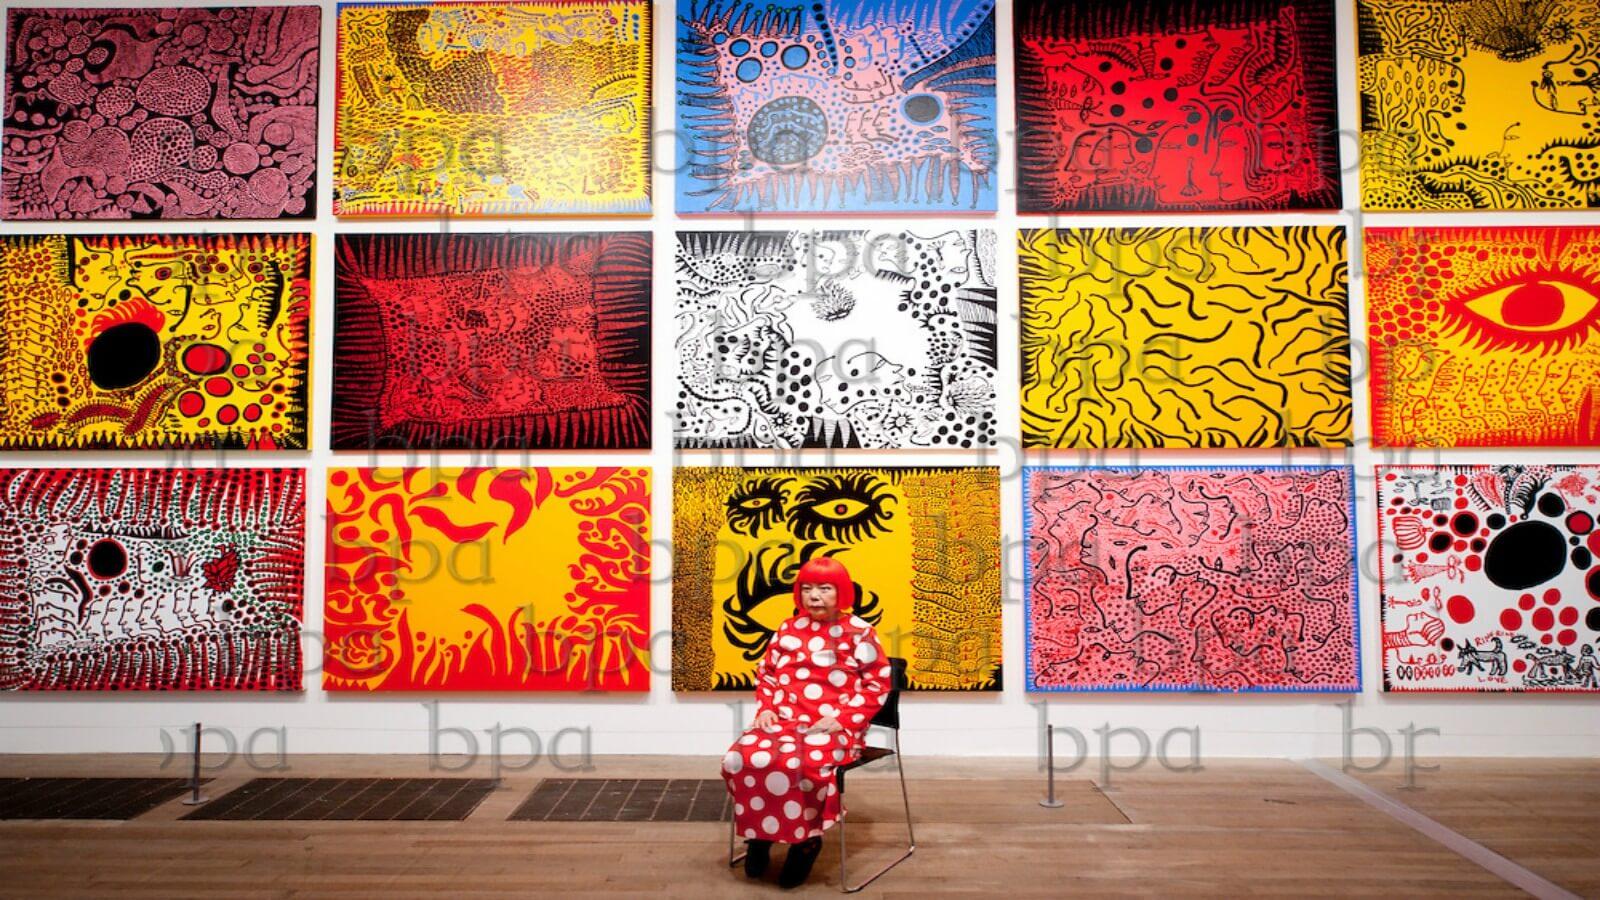 Yayaoi Kusama inaugura su propio museo en Tokio